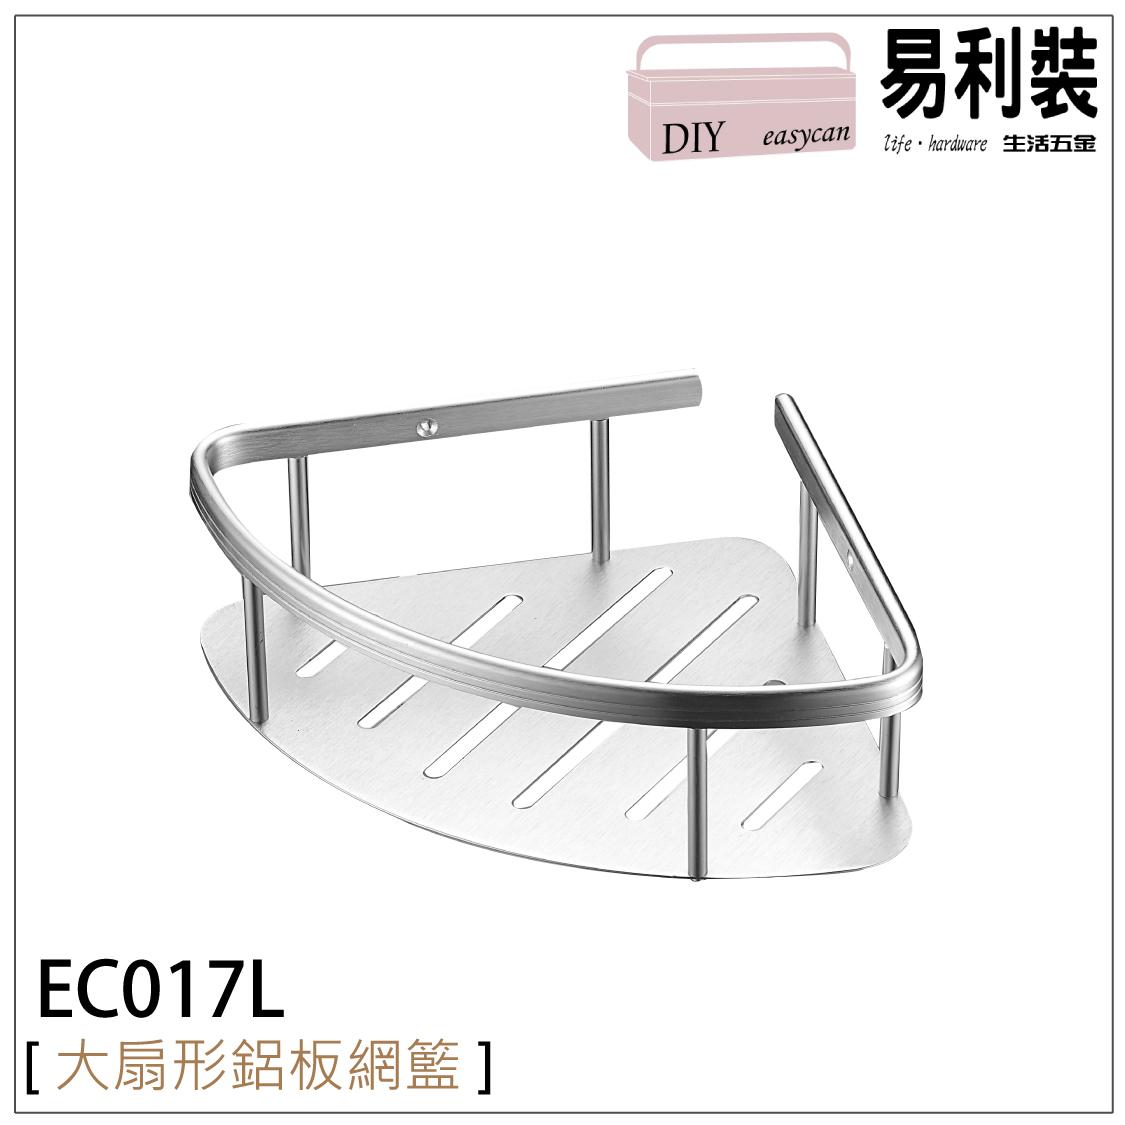 【 EASYCAN  】EC017L 大扇形鋁板網籃 易利裝生活五金 鋁合金 置物架 收納架 轉角架 廚房 餐廳 房間 浴室 小資族